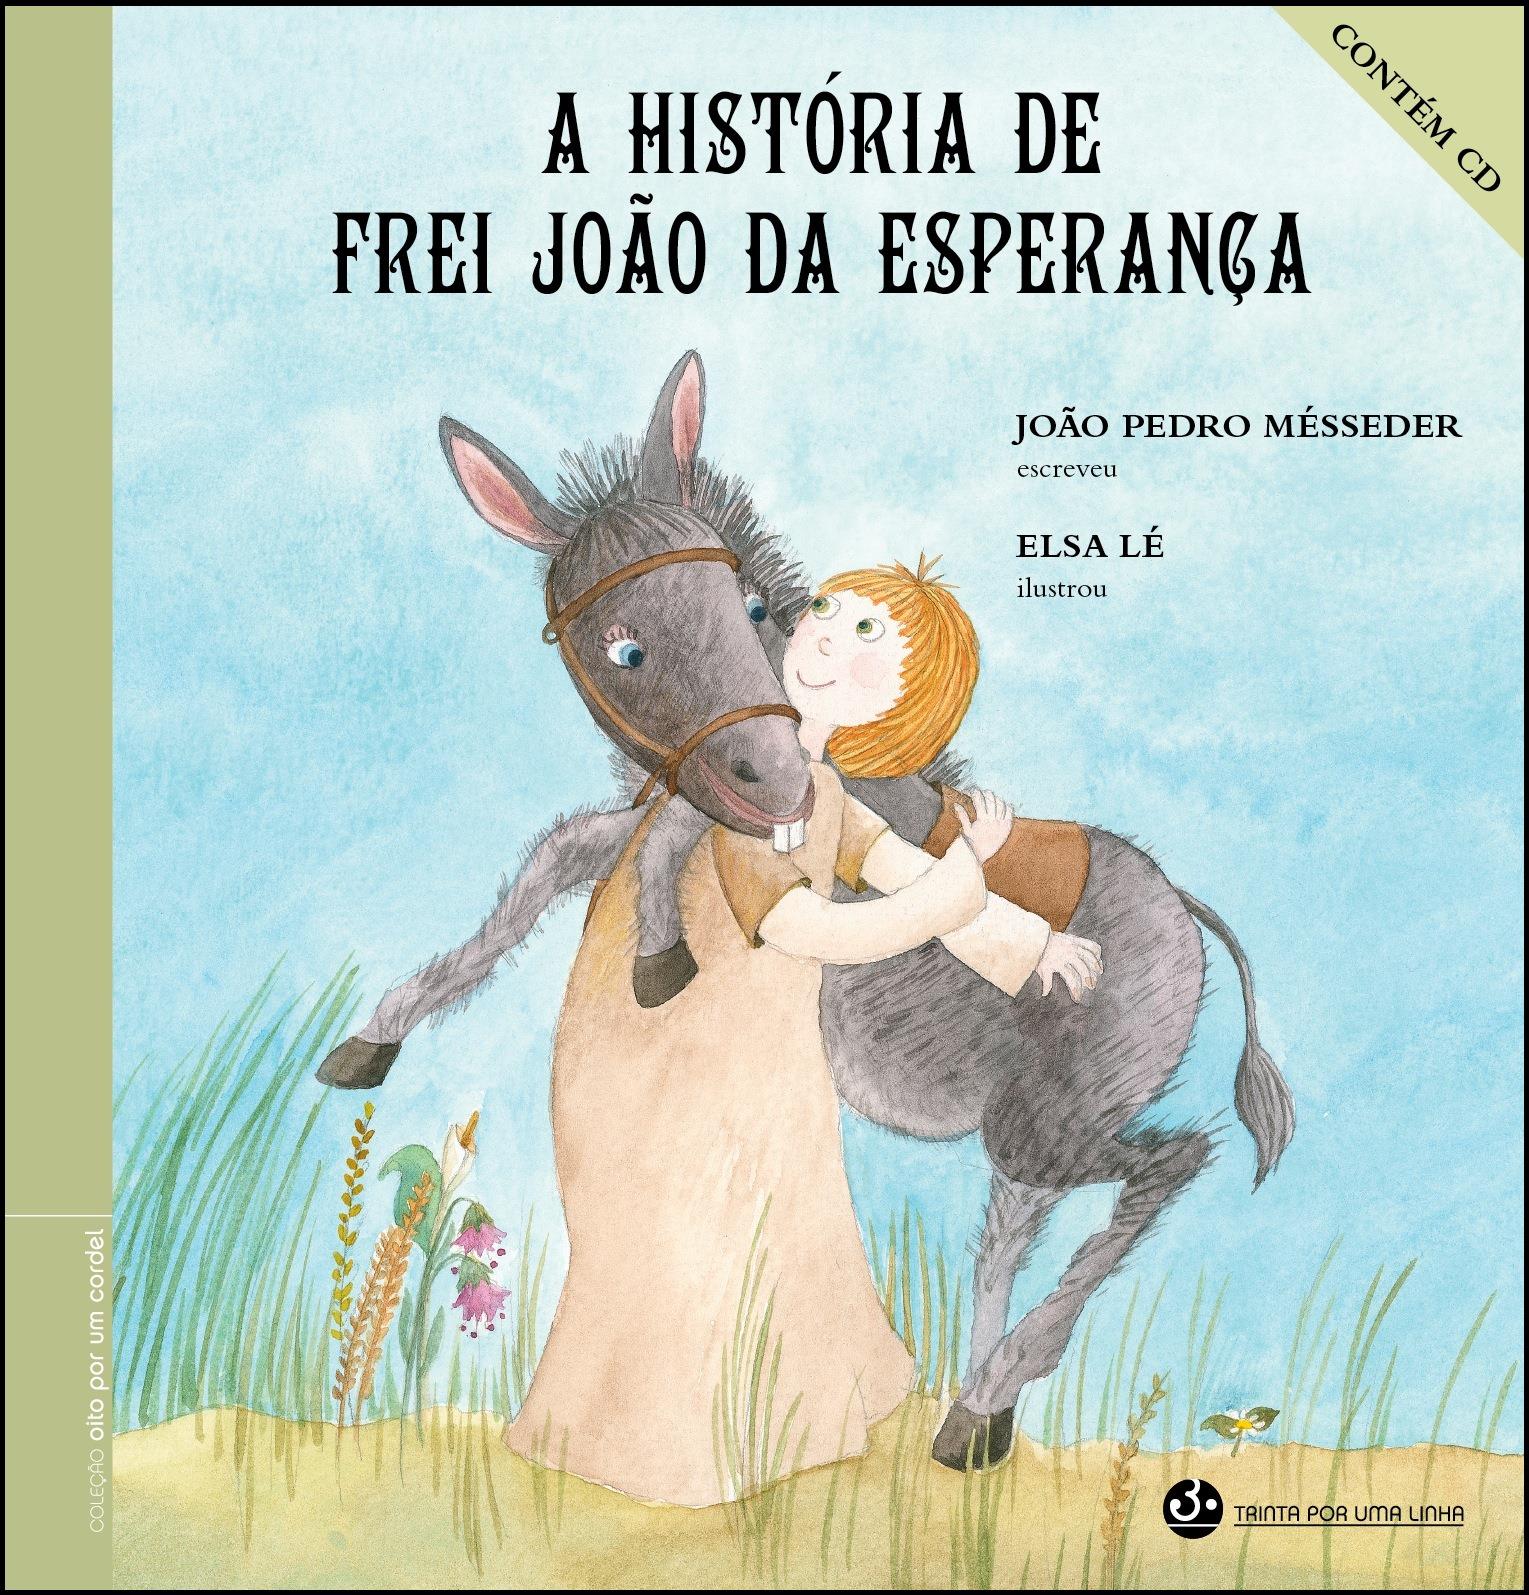 A História de Frei João da Esperança